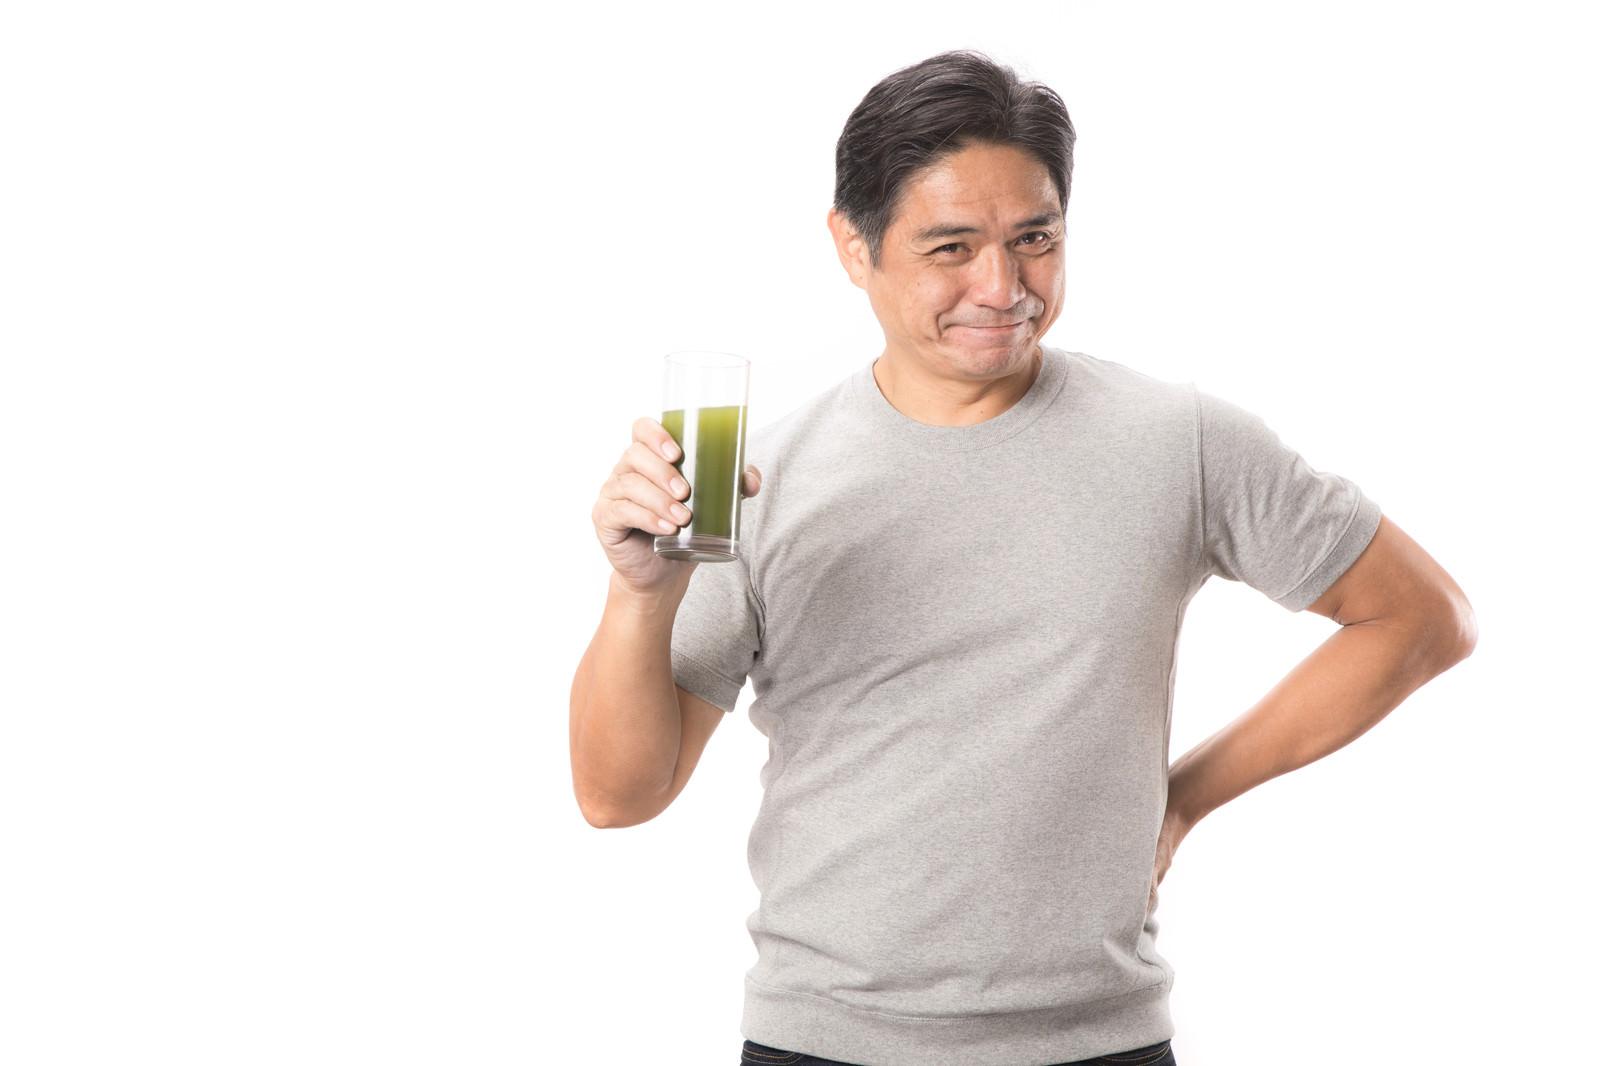 「青汁が大好きな中年男性青汁が大好きな中年男性」[モデル:よたか]のフリー写真素材を拡大